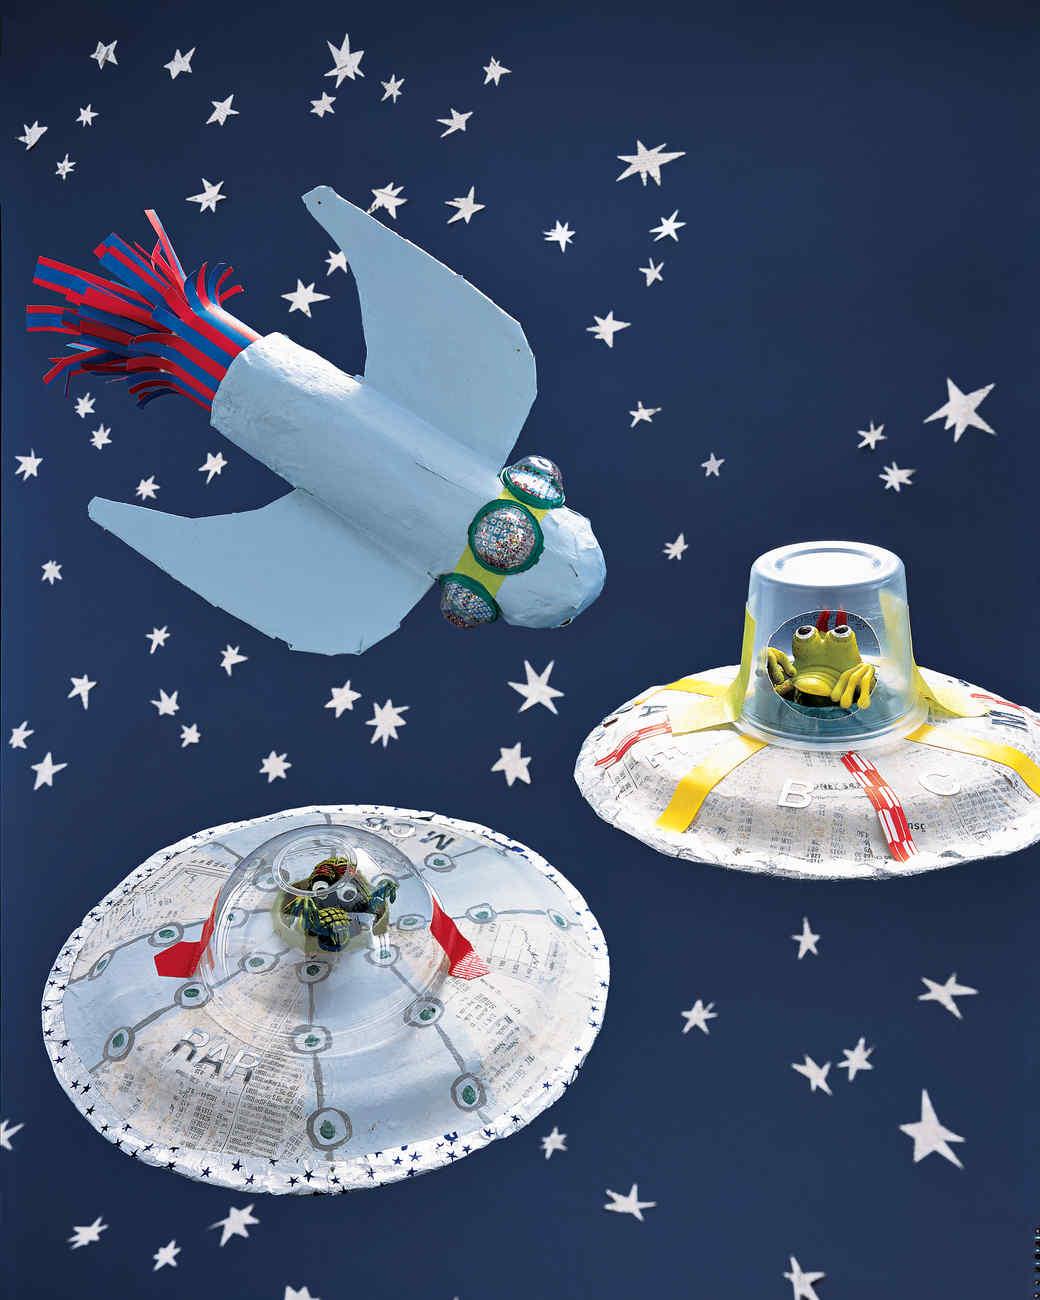 Открытки ко дню космонавтики своими руками в школу, картинки чашкой